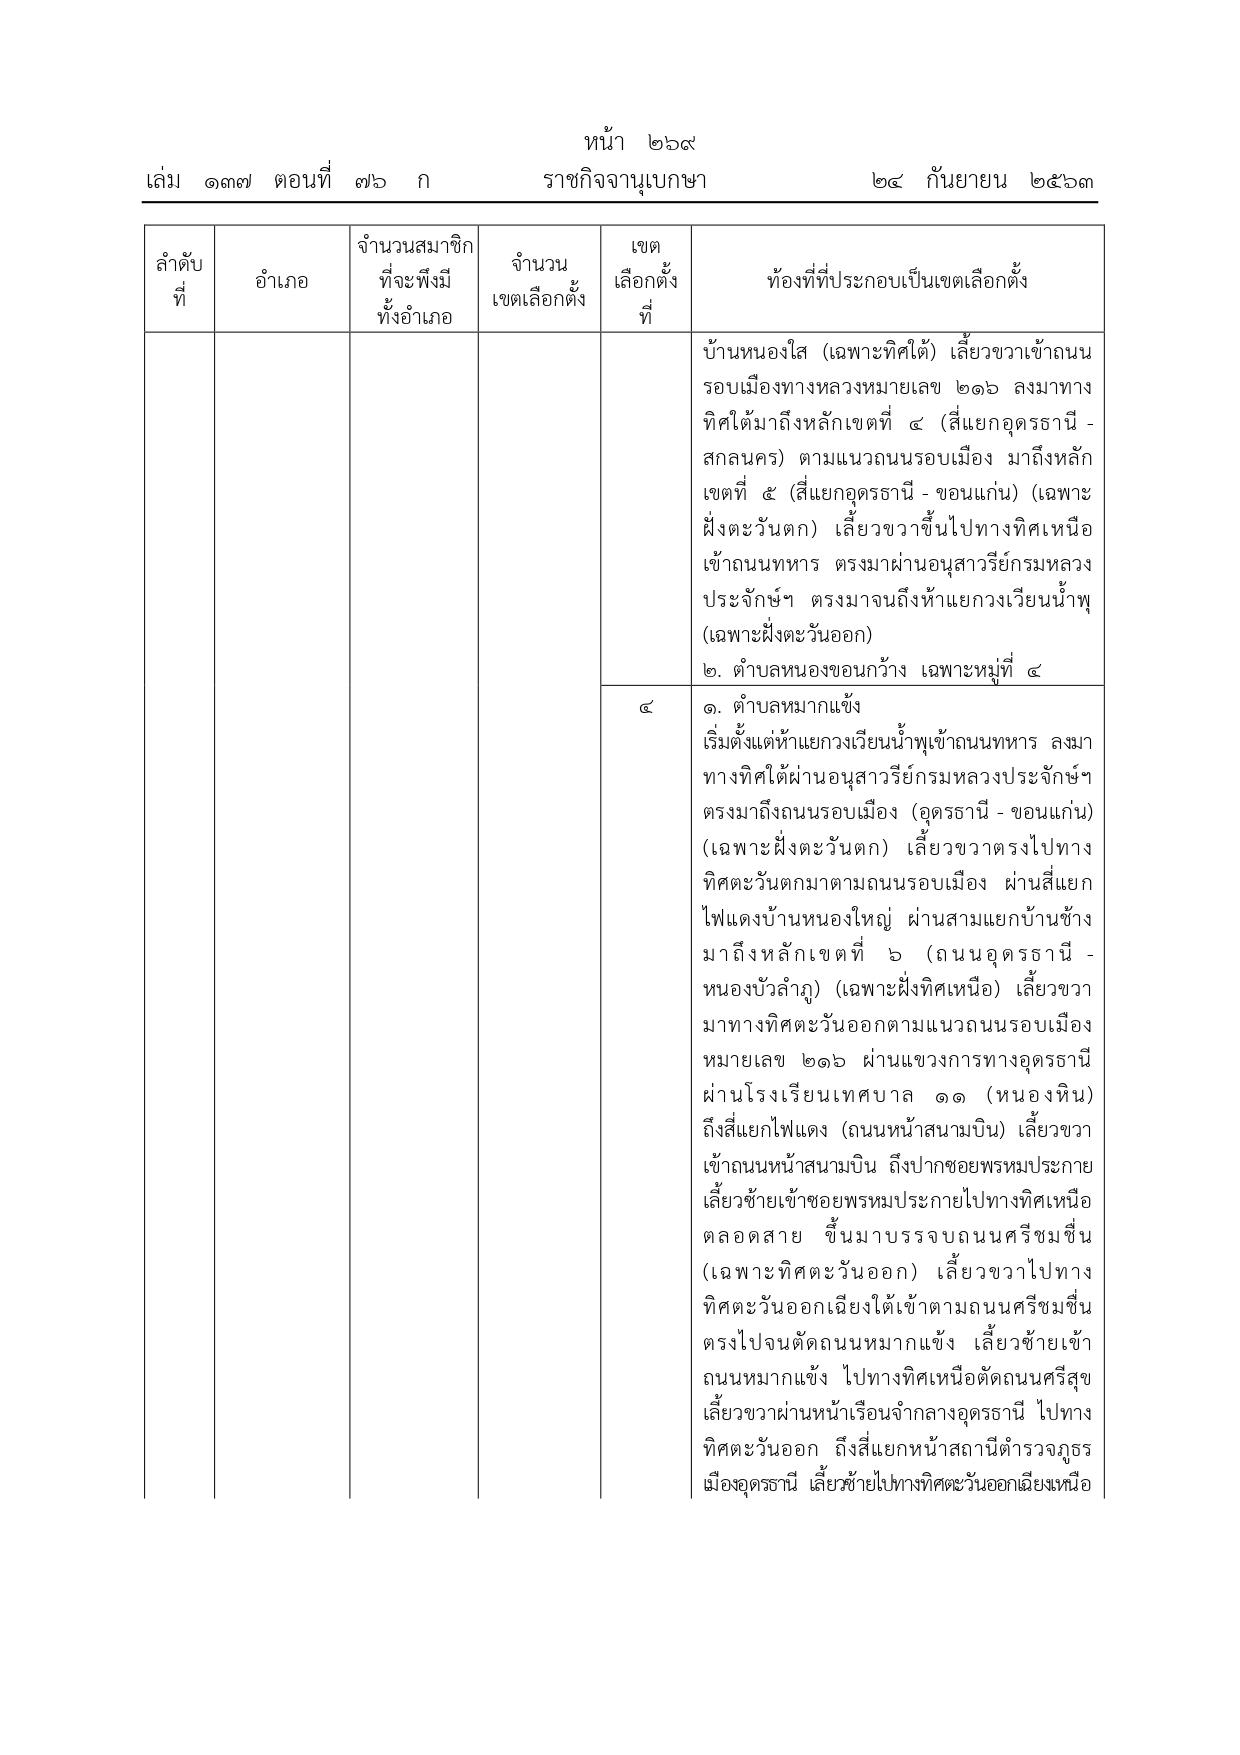 ประกาศคณะกรรมการการเลือกตั้ง เรื่อง การแบ่งเขตเลือกตั้งสมาชิกสภาองค์การบริหารส่วน_page-0003